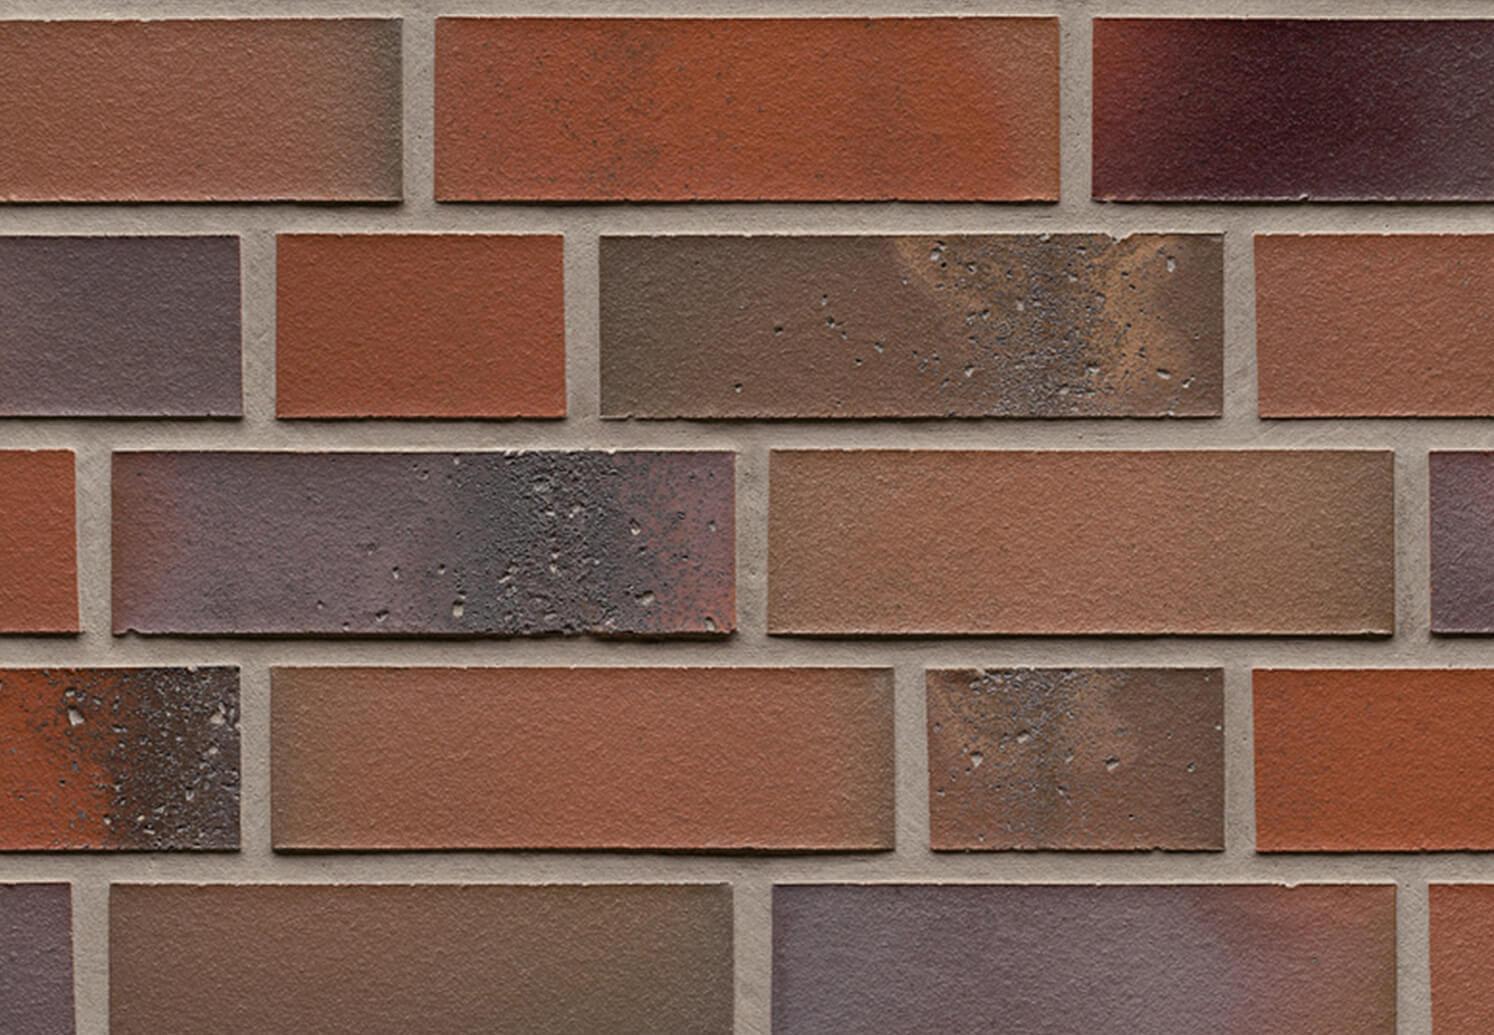 Feldhaus Klinker - R580NF14, Salina Carmesi Colori, 240x14x71 - Клинкерная плитка для фасада и внутренней отделки